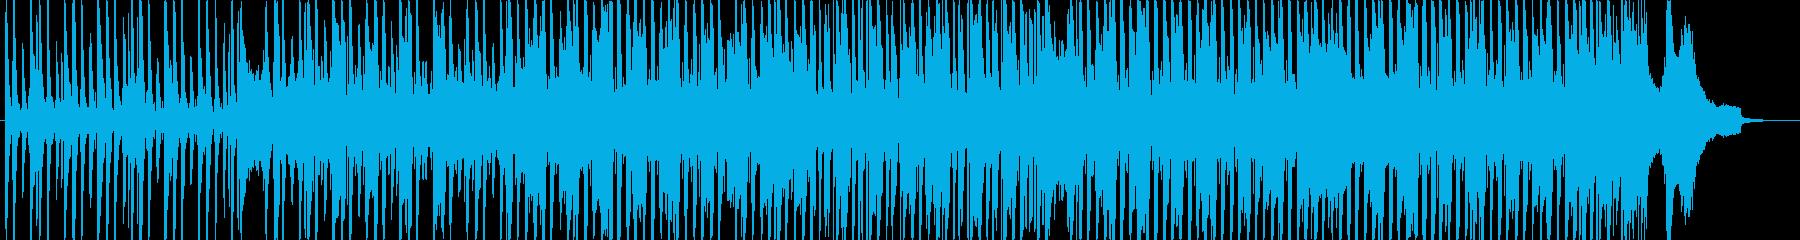 4月から1年生!気持ち弾むウキウキポップの再生済みの波形